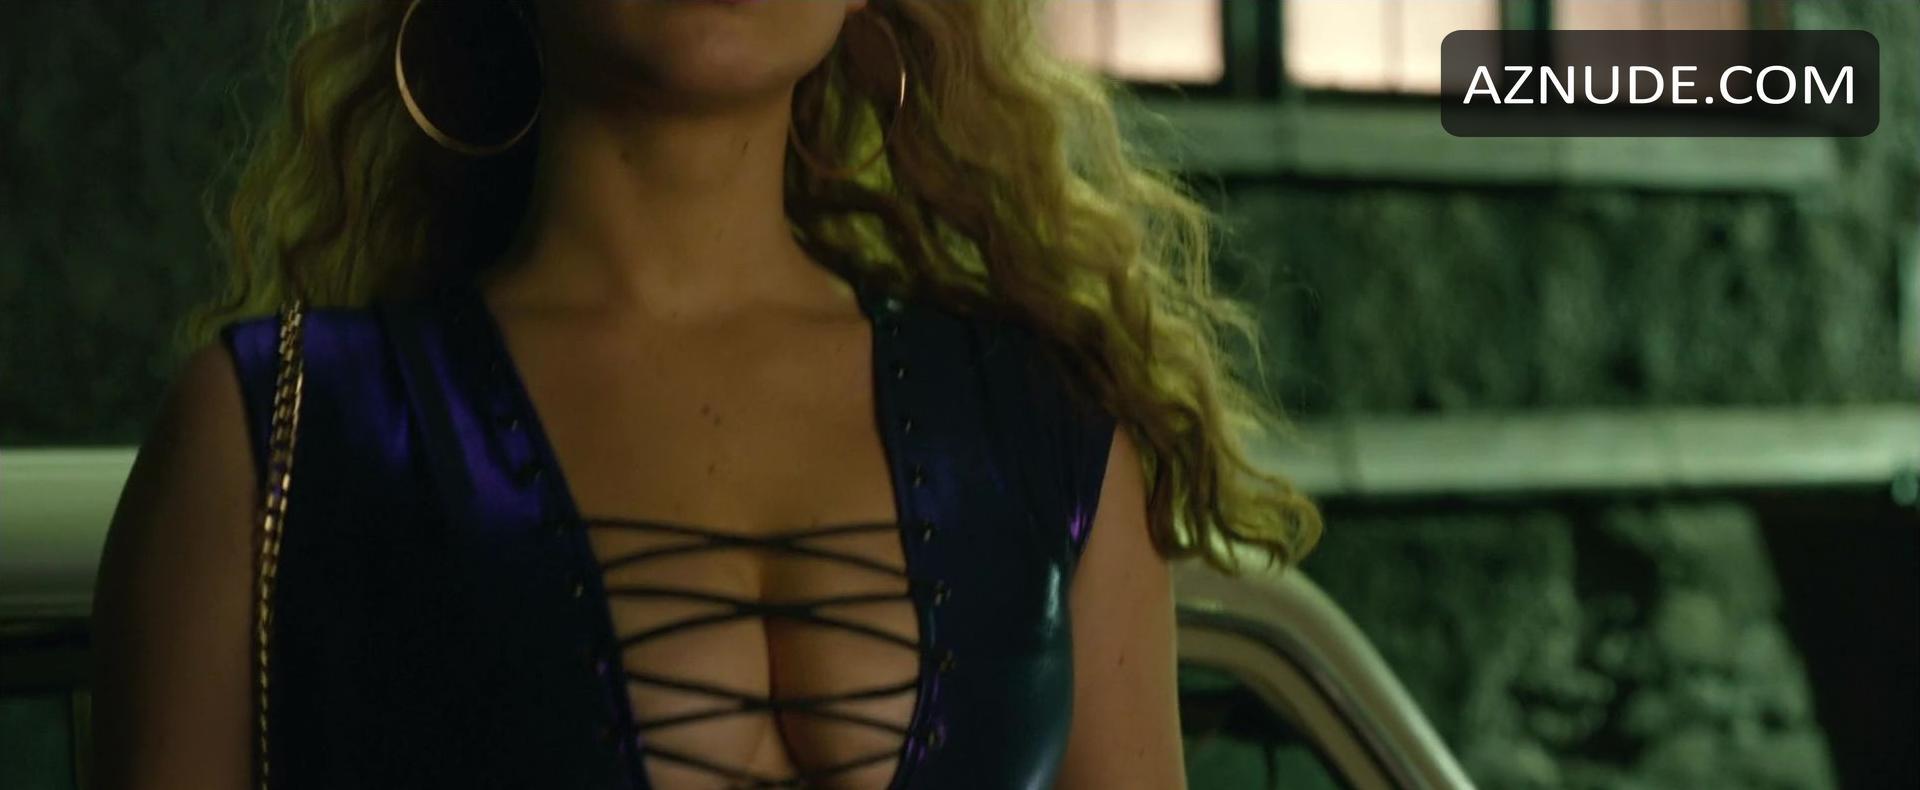 Jennifer Lawrence Nude - Aznude-4338